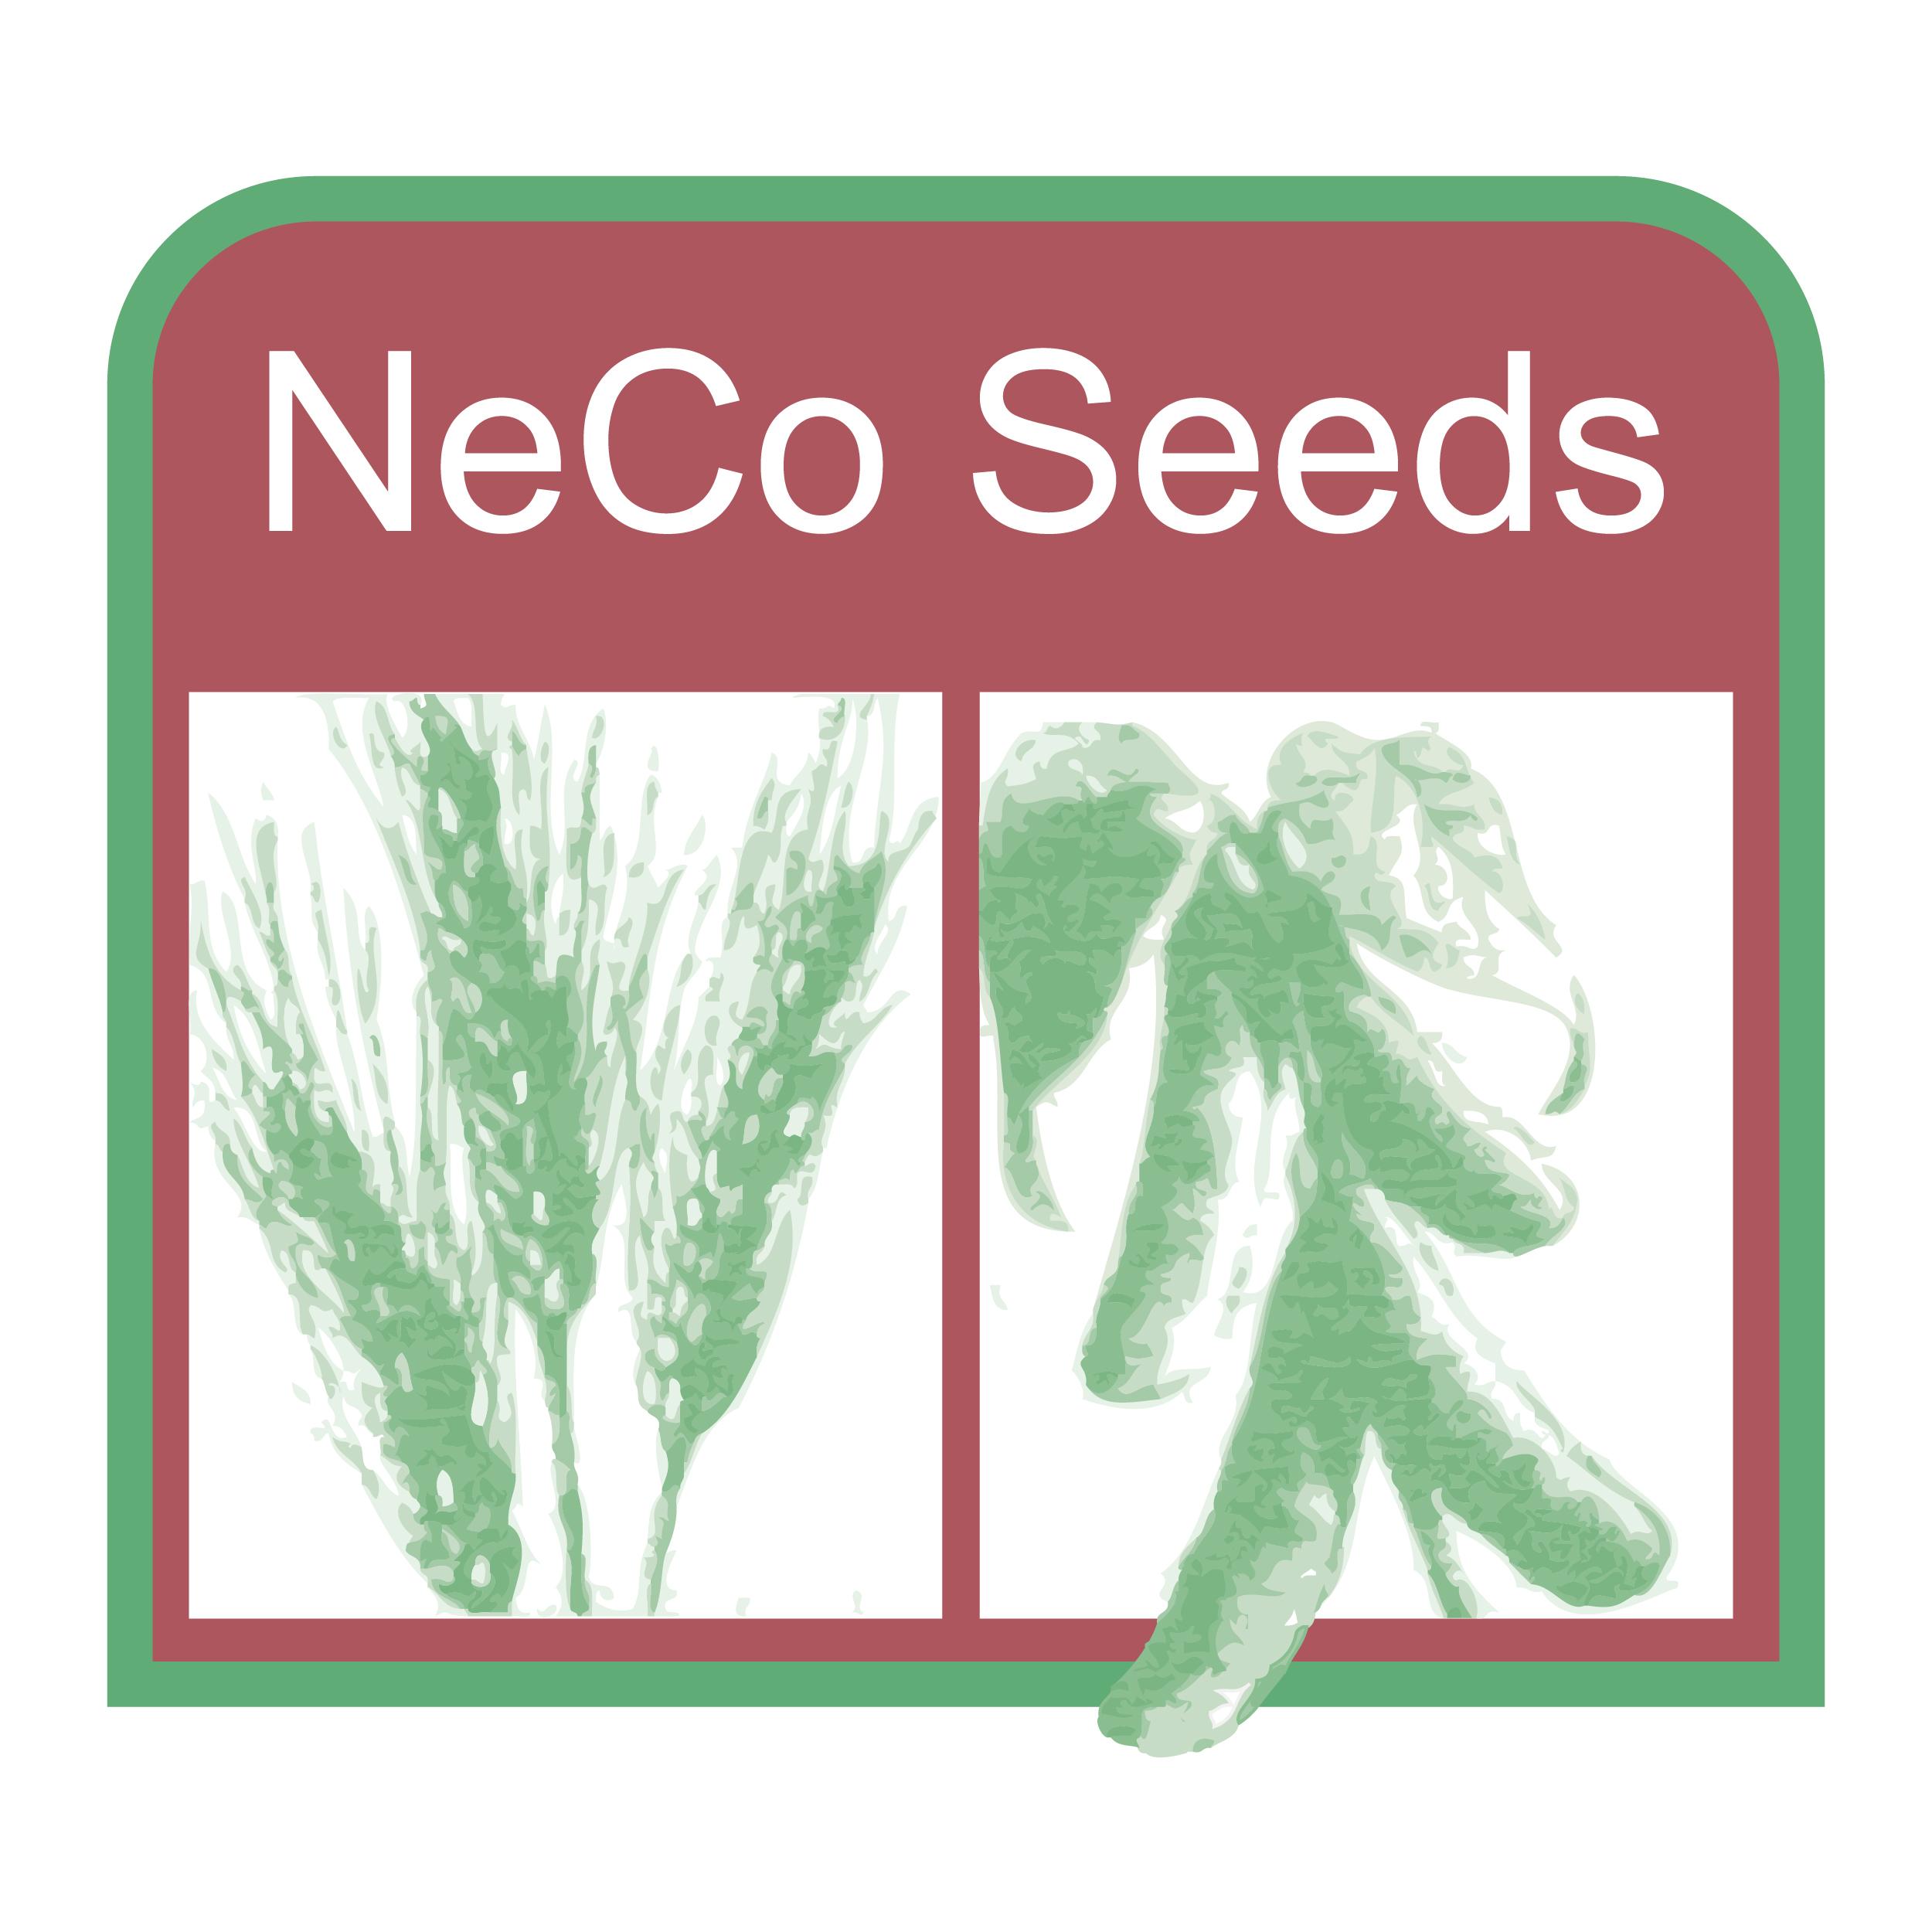 NeCo Seeds